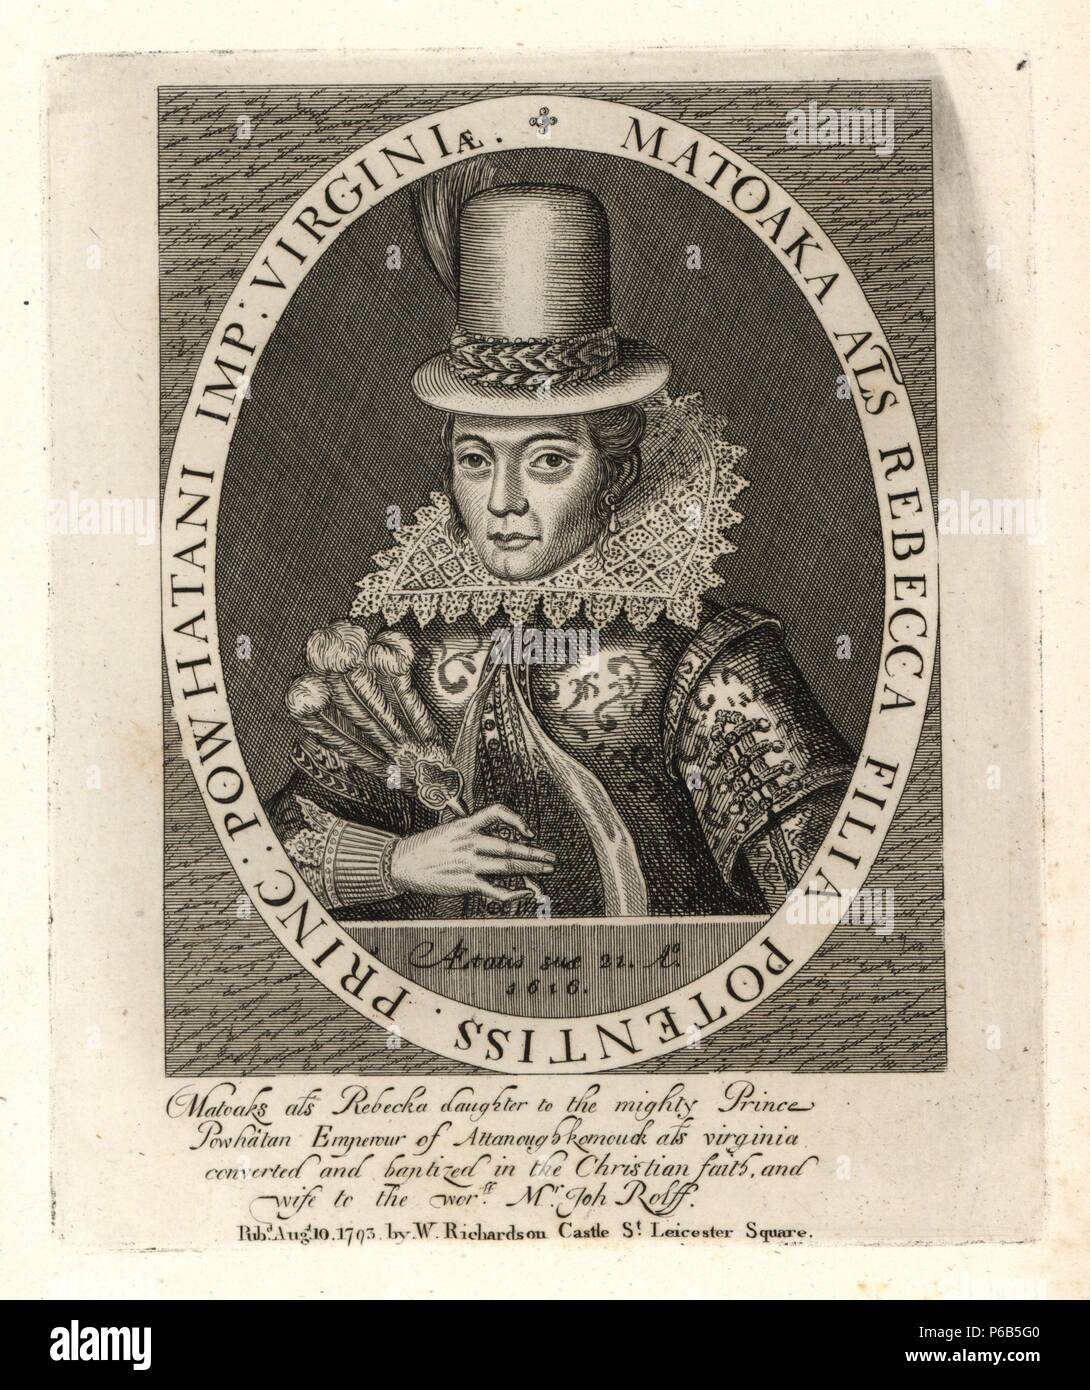 """Plus tard, Pocahontas Matoaka, Rebecca Rolfe, fille de la puissante Powharan Attanoughkomouck, Empereur du, ou de la Virginie, et épouse de John Rolfe, mort 1617. À partir d'un curieux imprimer par Simon de passe dans le Smith's 'l'histoire de la Virginie."""" gravure sur cuivre de Richardson's 'portraits illustrant Granger's Biographical History of England, Londres, 1792-1812. Publié par William Richardson, printseller, Londres. James Granger (1723-1776) était un pasteur anglais, biographe, et imprimer collecteur. Banque D'Images"""